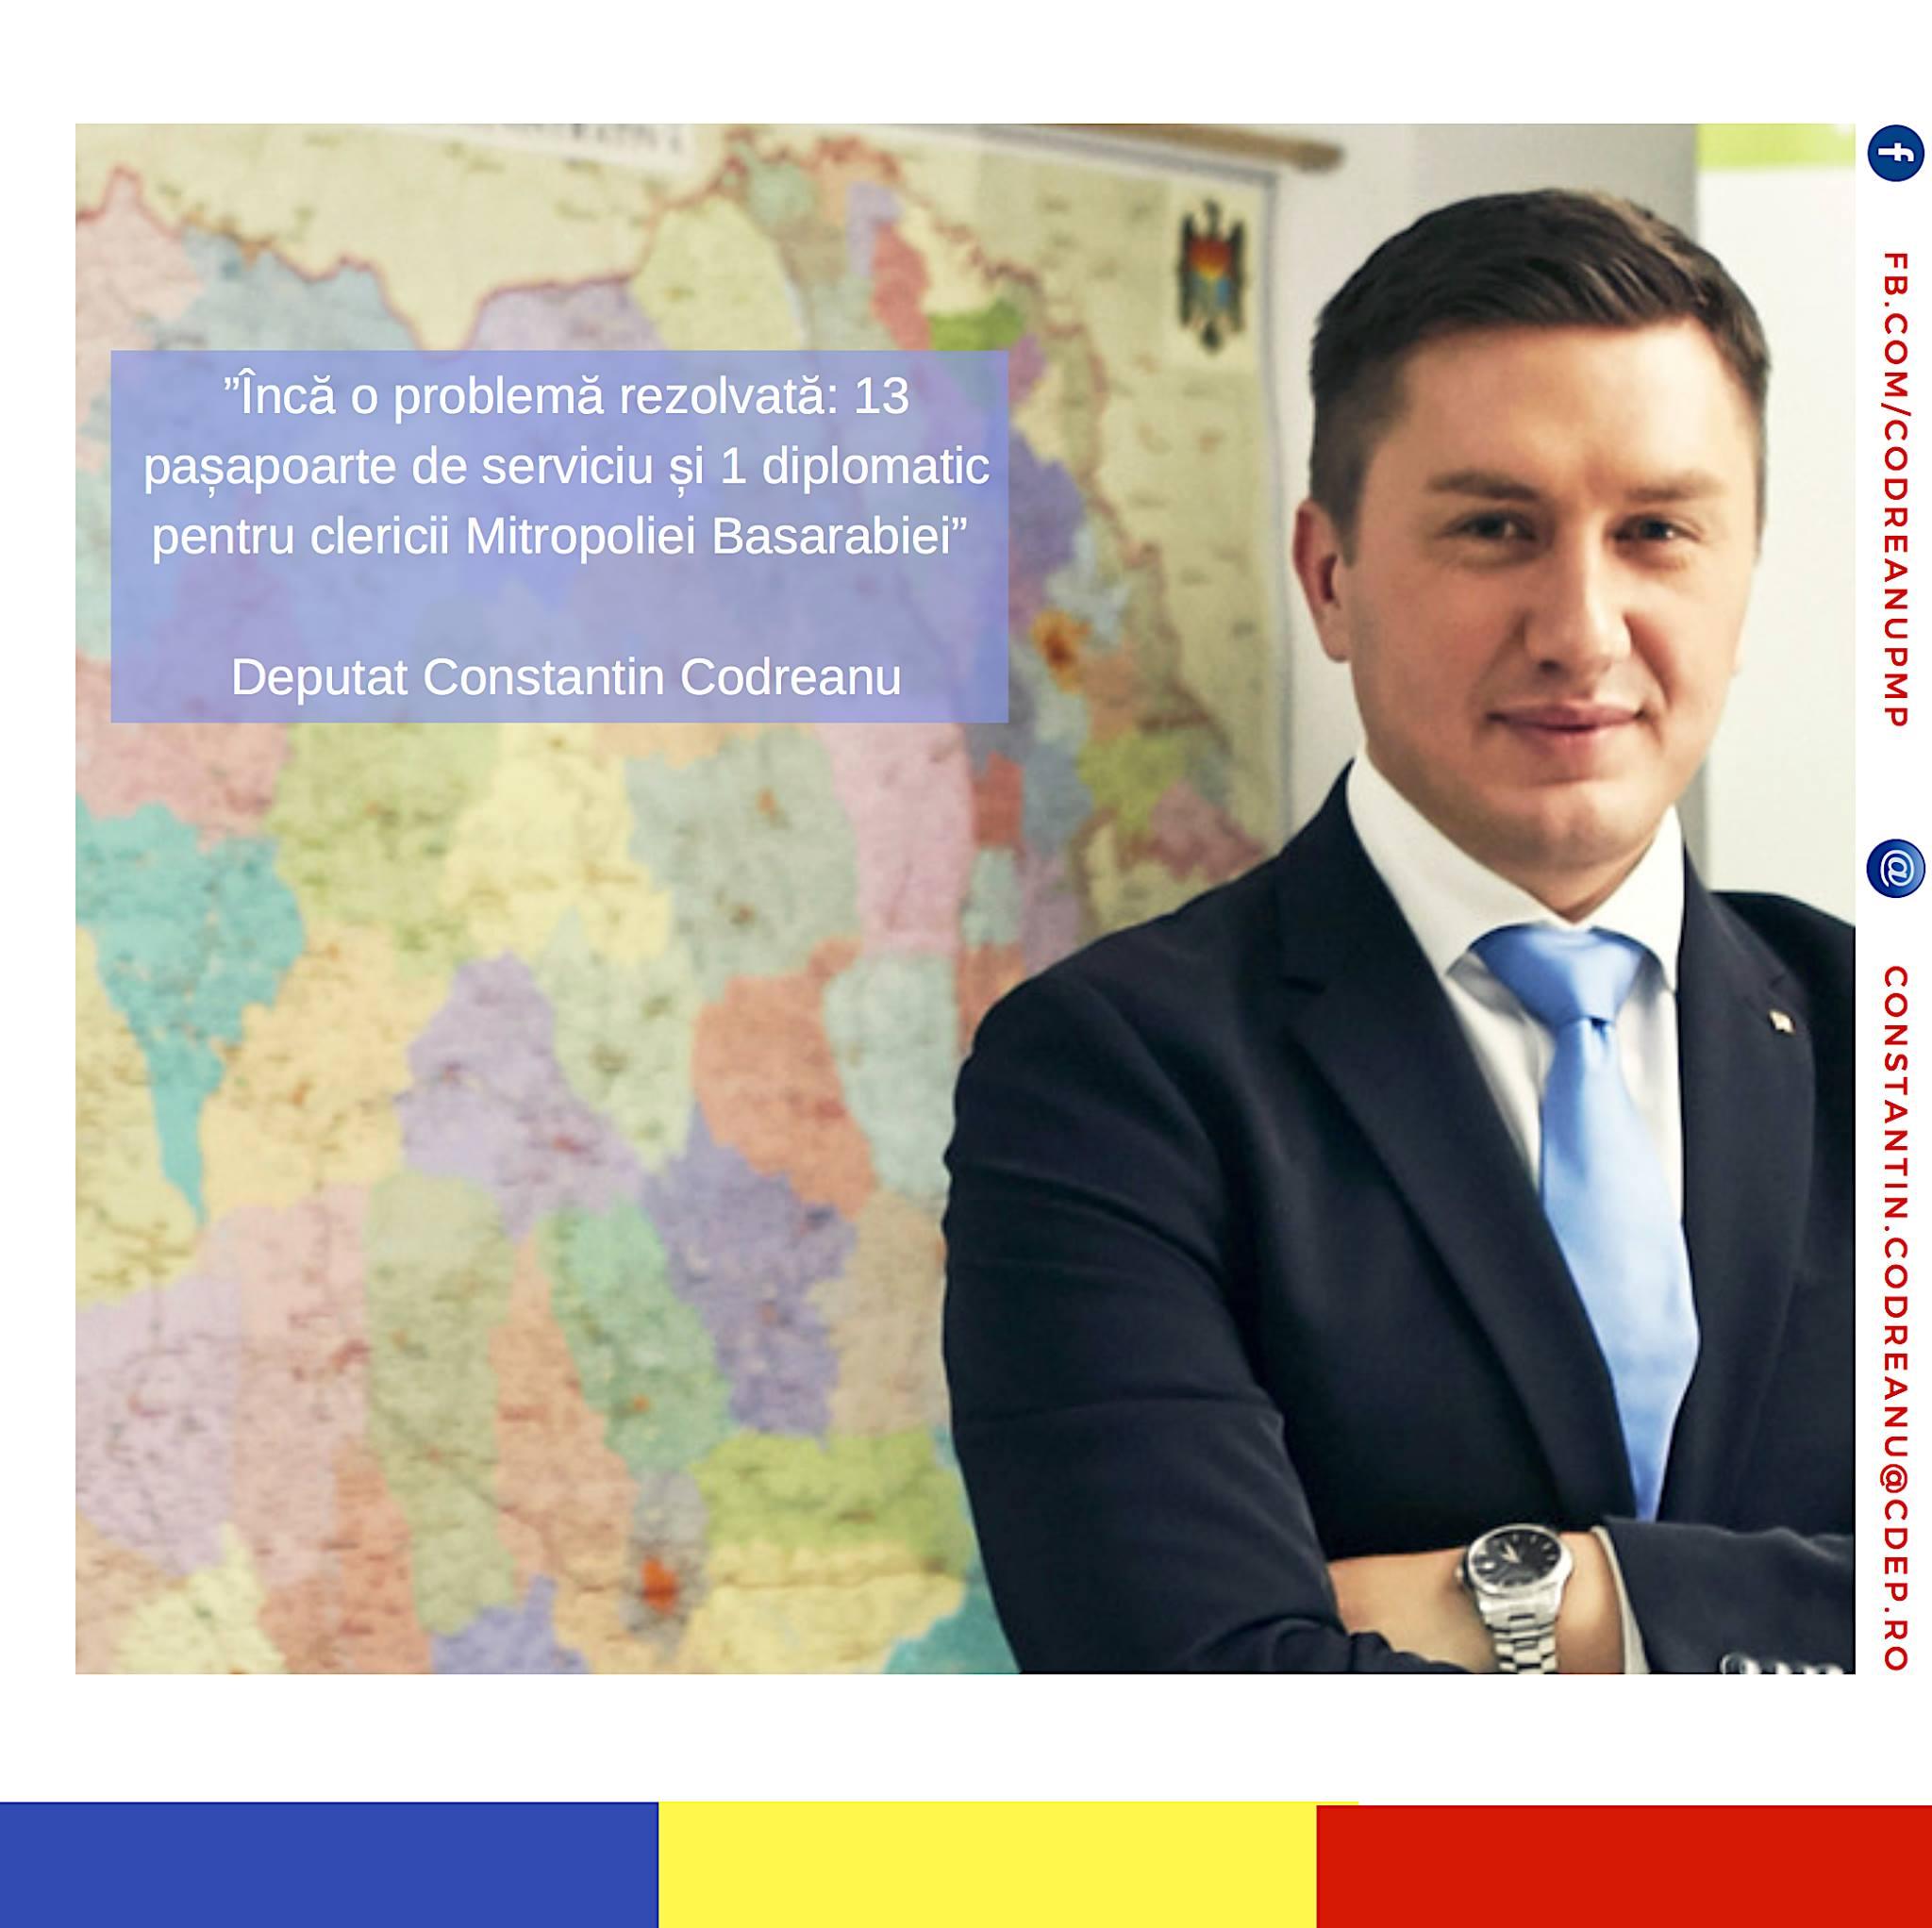 VIDEO Deputat Constantin Codreanu- pasapoarte de serviciu clericii Mitropoliei Basarabiei